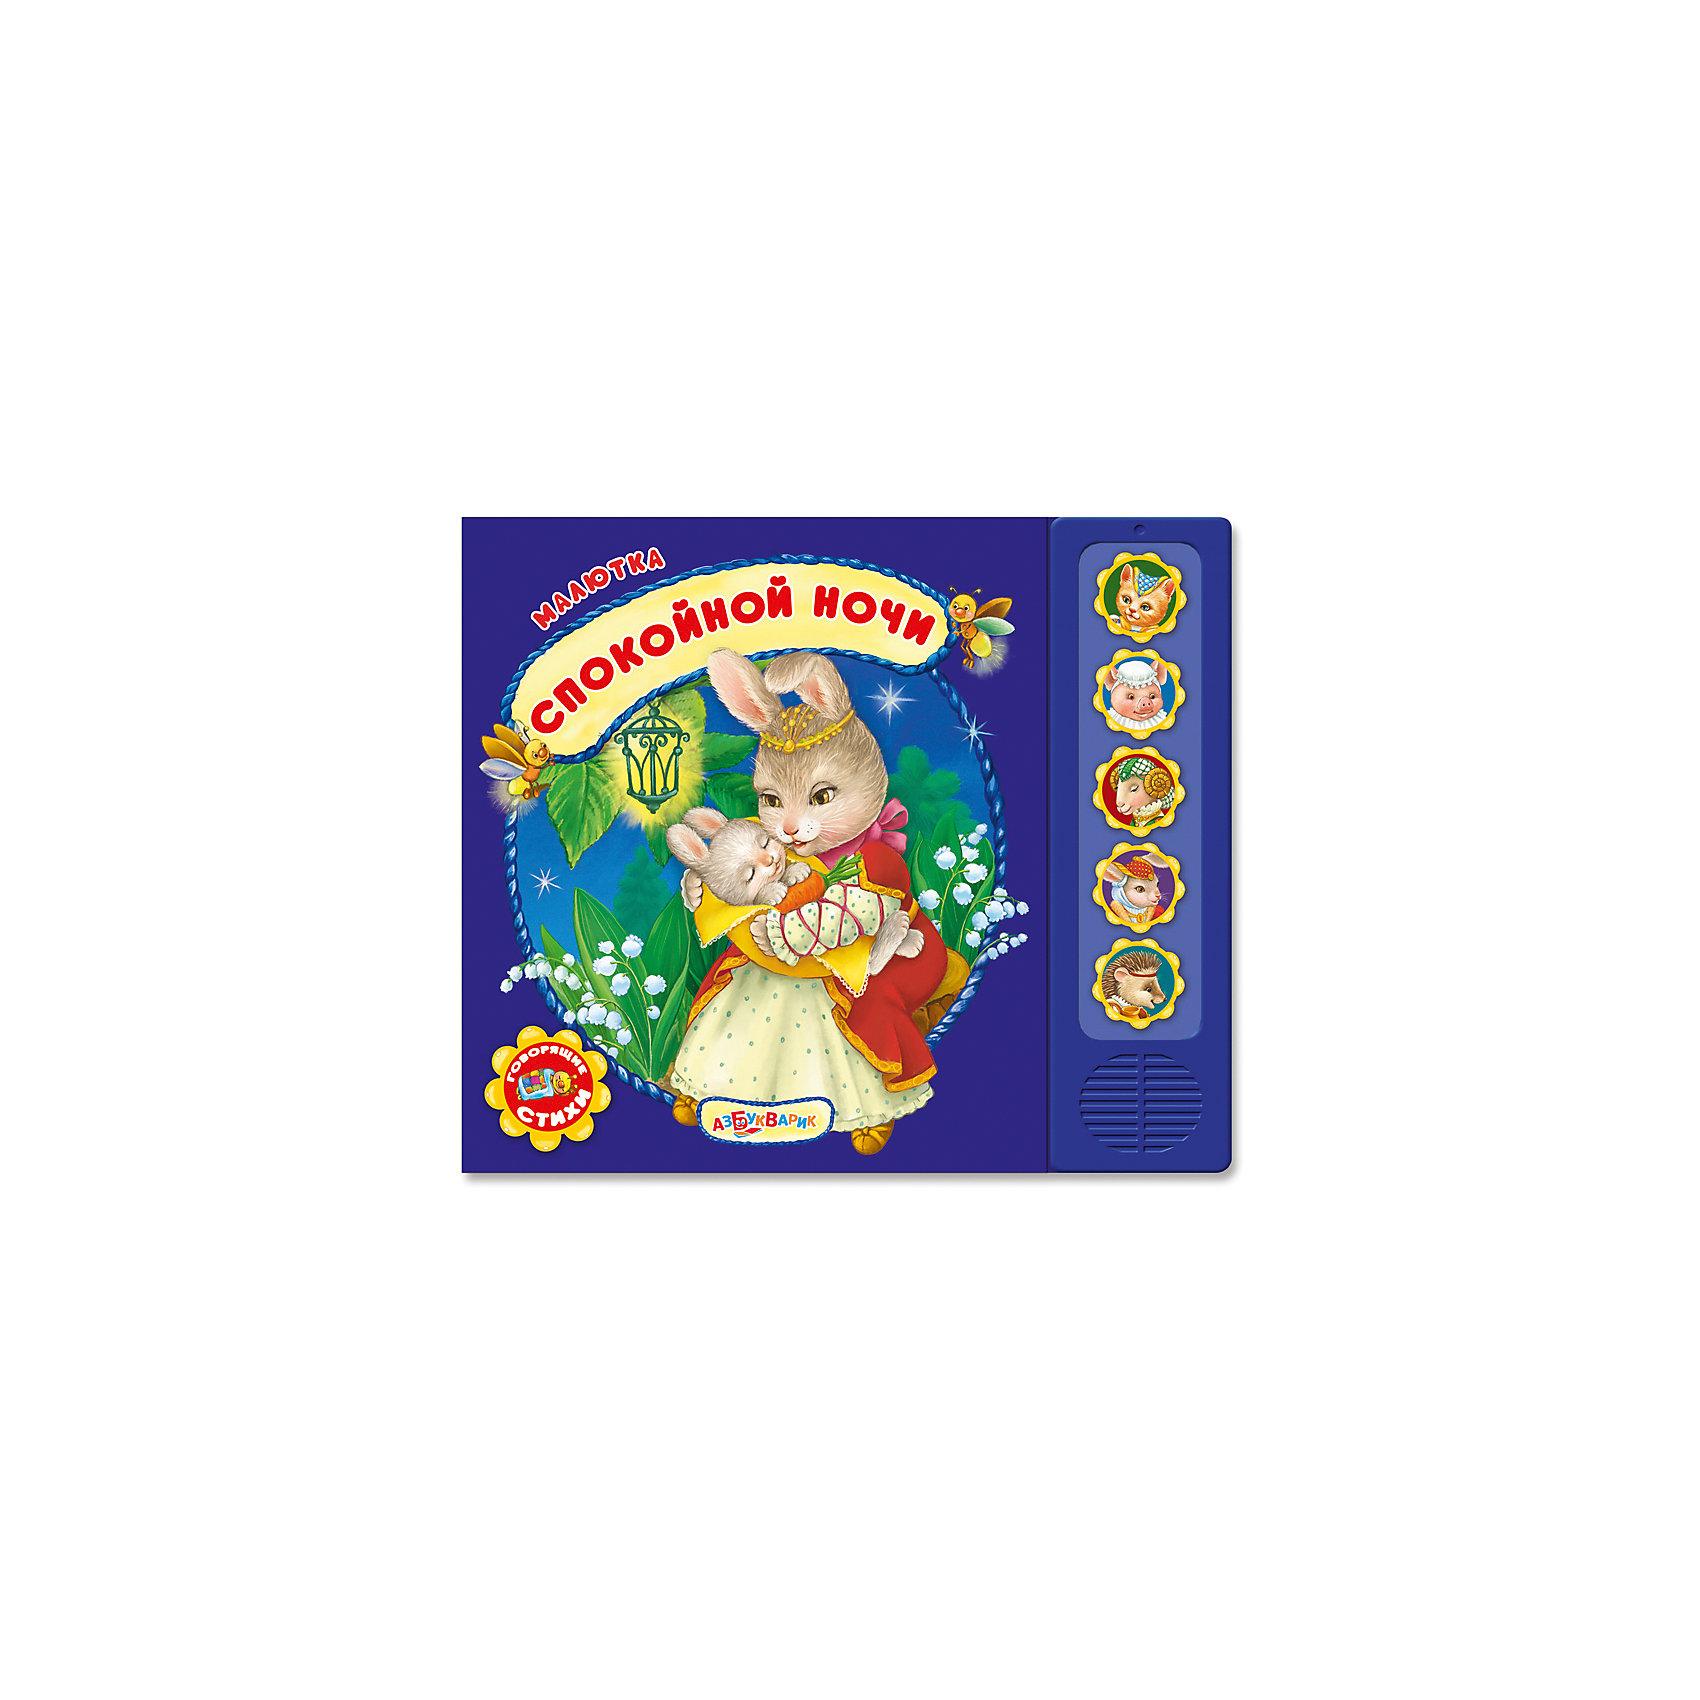 Говорящая книга Спокойной ночиПрекрасная книга серии Малютка. С этой книжкой малыш будет легко засыпать, ведь вместе с ним в свои кроватки будут ложиться котенок и ягненок, зайчонок, поросёнок и ежонок. Яркие иллюстрации и спокойная музыка обязательно порадуют и заинтересуют малышей.<br><br>Дополнительная информация:<br><br>- Формат: 21,5х19см.<br>- Переплет: картон.<br>- Иллюстрации: цветные.<br>- Количество страниц: 8 стр.<br>- Авторы: Леонид Колодиев, Валерия Зубкова, Ирина Новикова.<br>- Иллюстратор: Ольга Чекурина.<br>- Батарейки в комплекте.<br><br>Говорящую книгу Спокойной ночи можно купить в нашем магазине.<br><br>Ширина мм: 220<br>Глубина мм: 150<br>Высота мм: 190<br>Вес г: 312<br>Возраст от месяцев: 24<br>Возраст до месяцев: 48<br>Пол: Унисекс<br>Возраст: Детский<br>SKU: 4046947